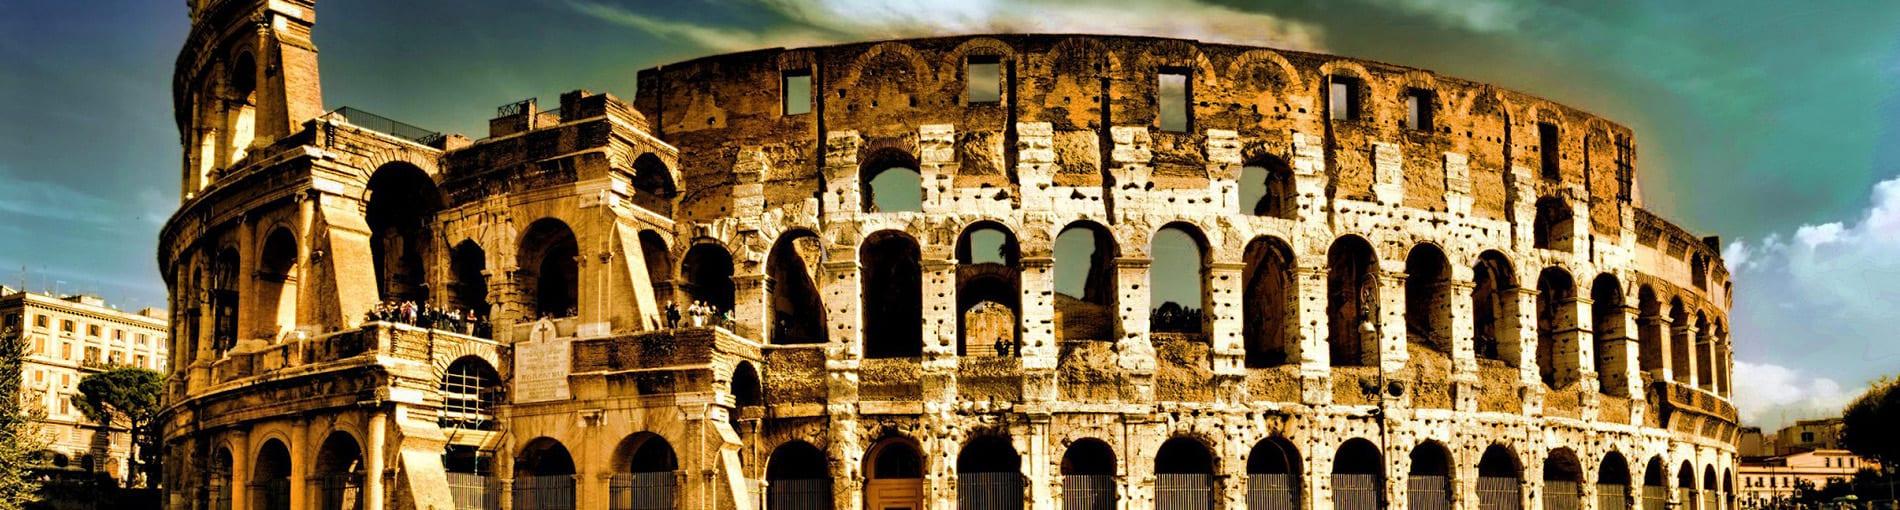 Top 5: películas localizadas en Roma